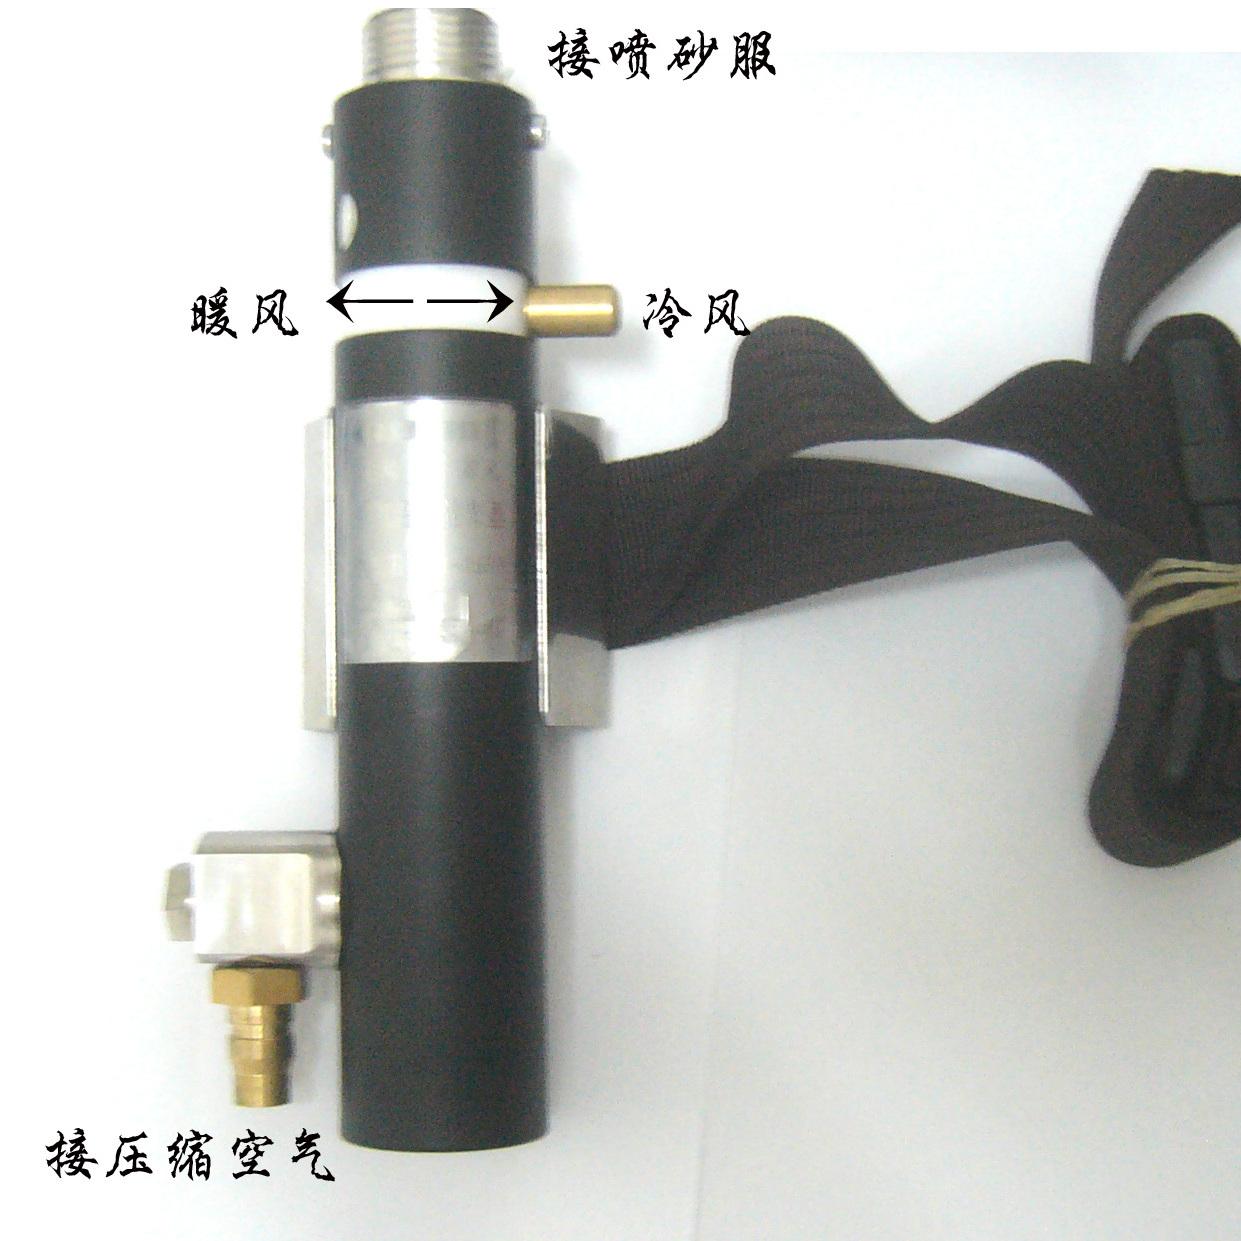 温度调节器 喷砂服调温器 空调式喷砂服 喷砂服散热